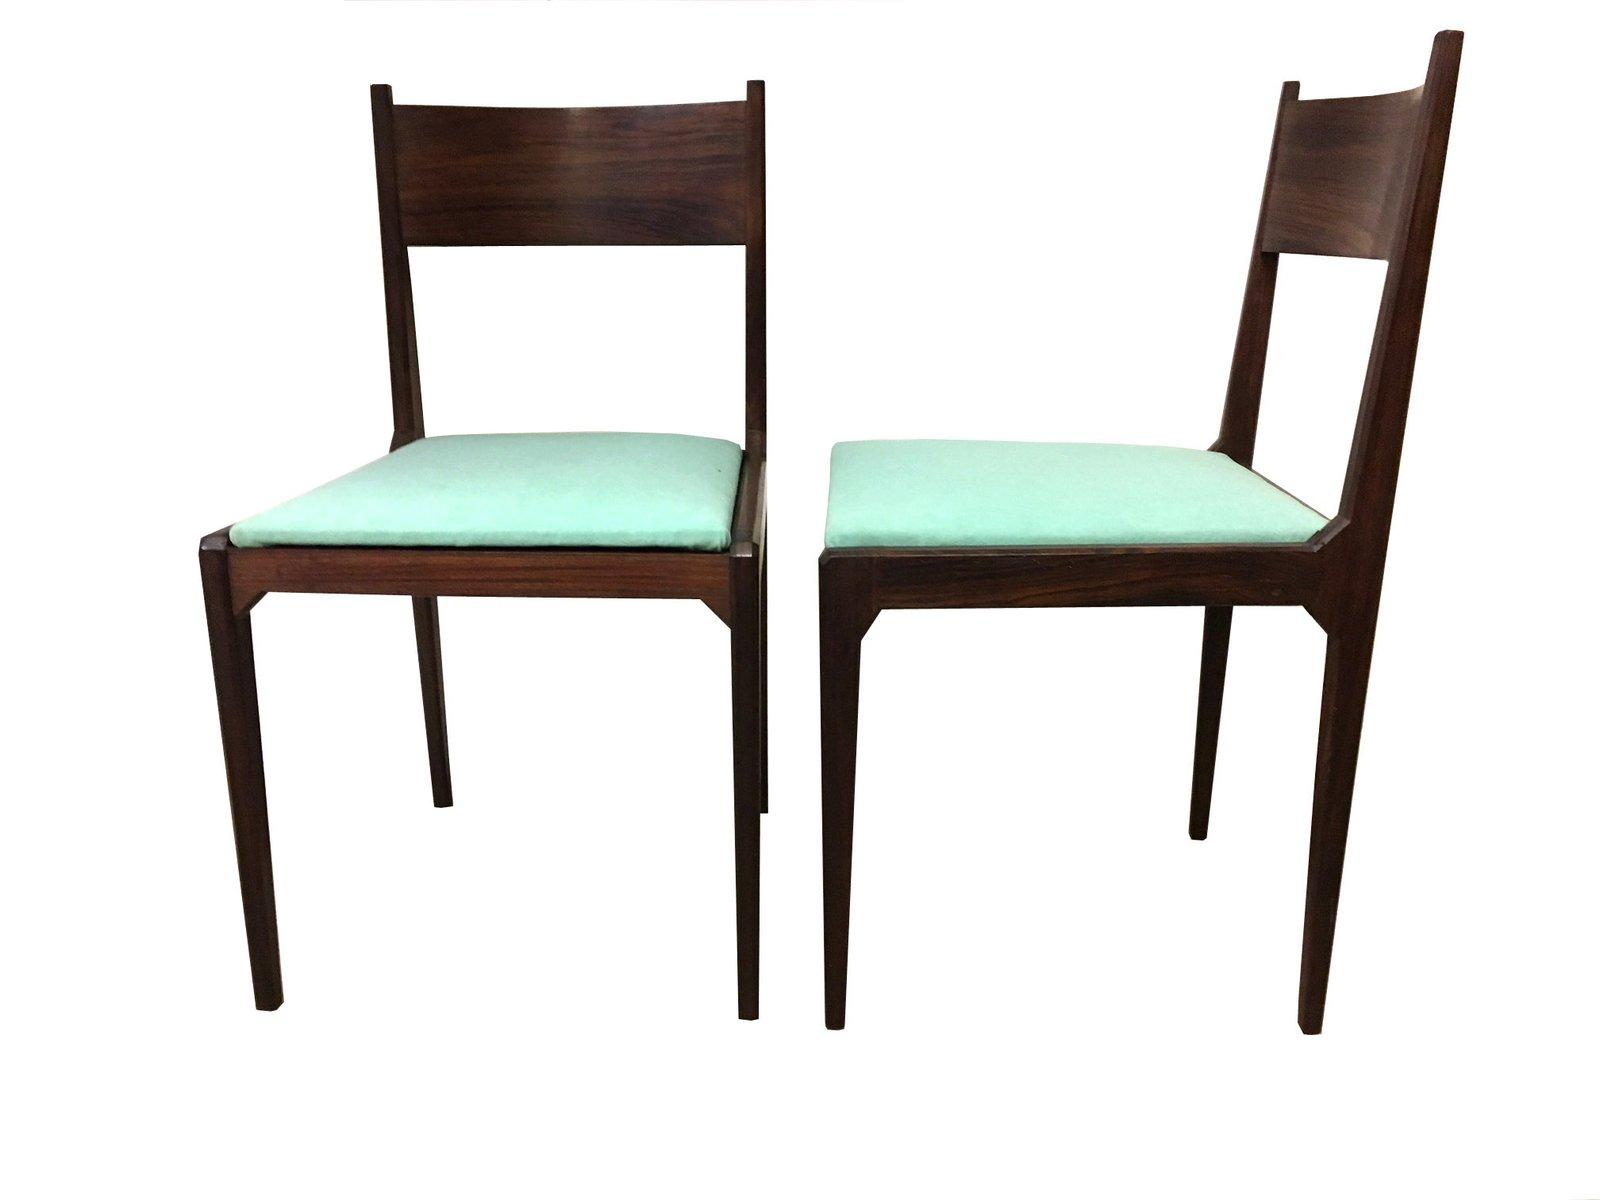 esszimmerst hle von isa bergamo 1960er 4er set bei. Black Bedroom Furniture Sets. Home Design Ideas